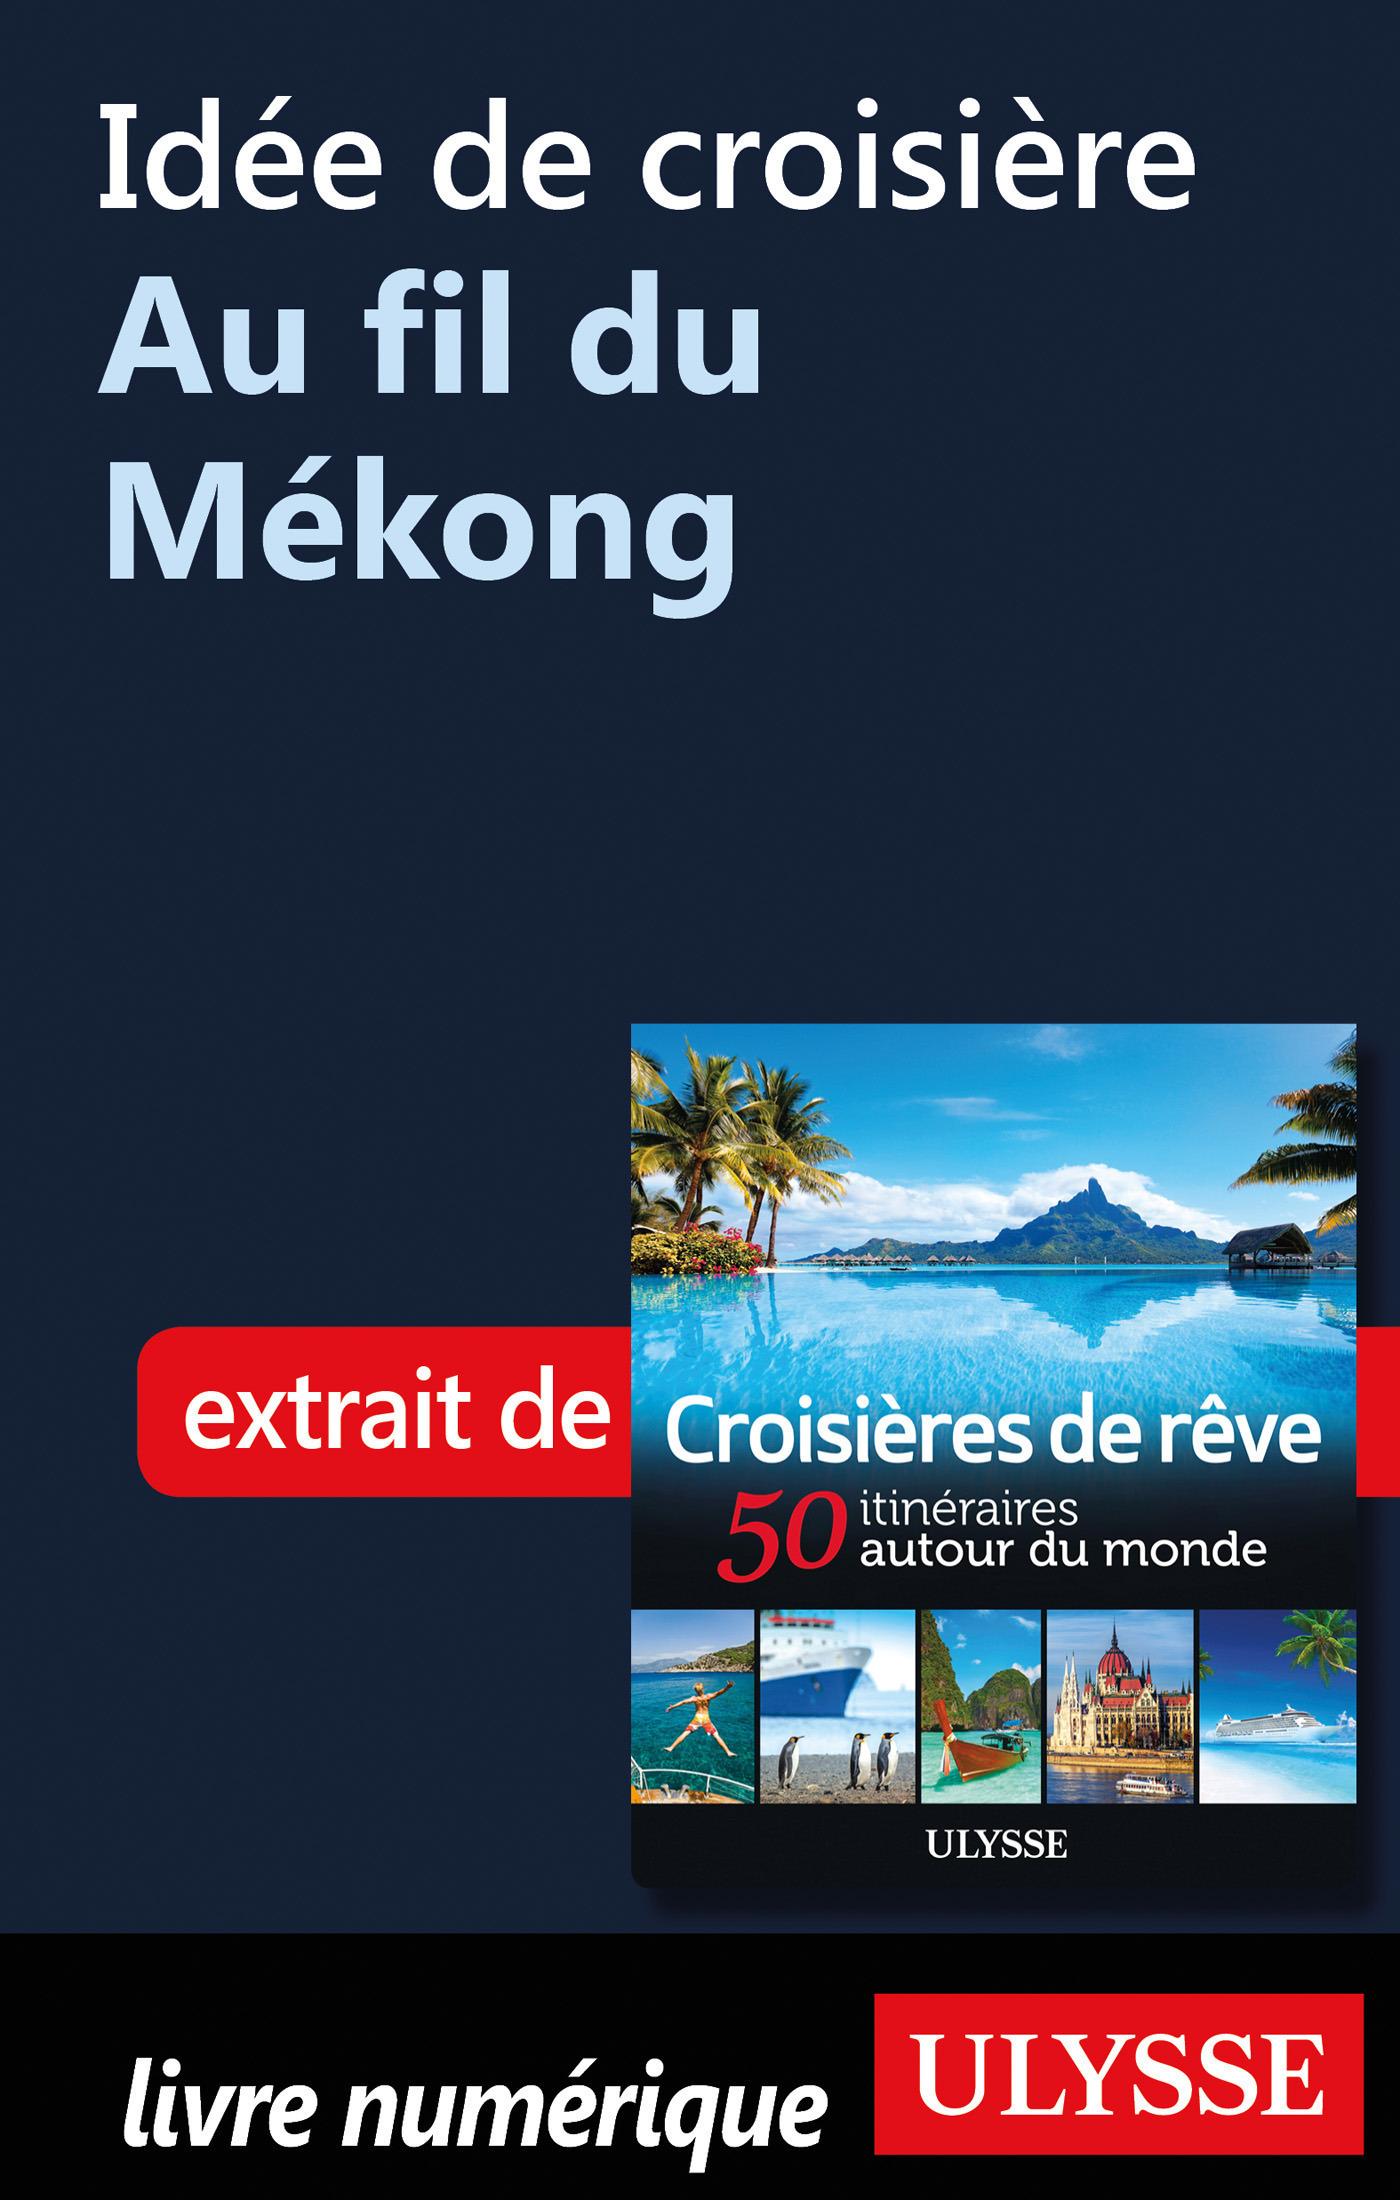 Idée de croisière - Au fil du Mékong